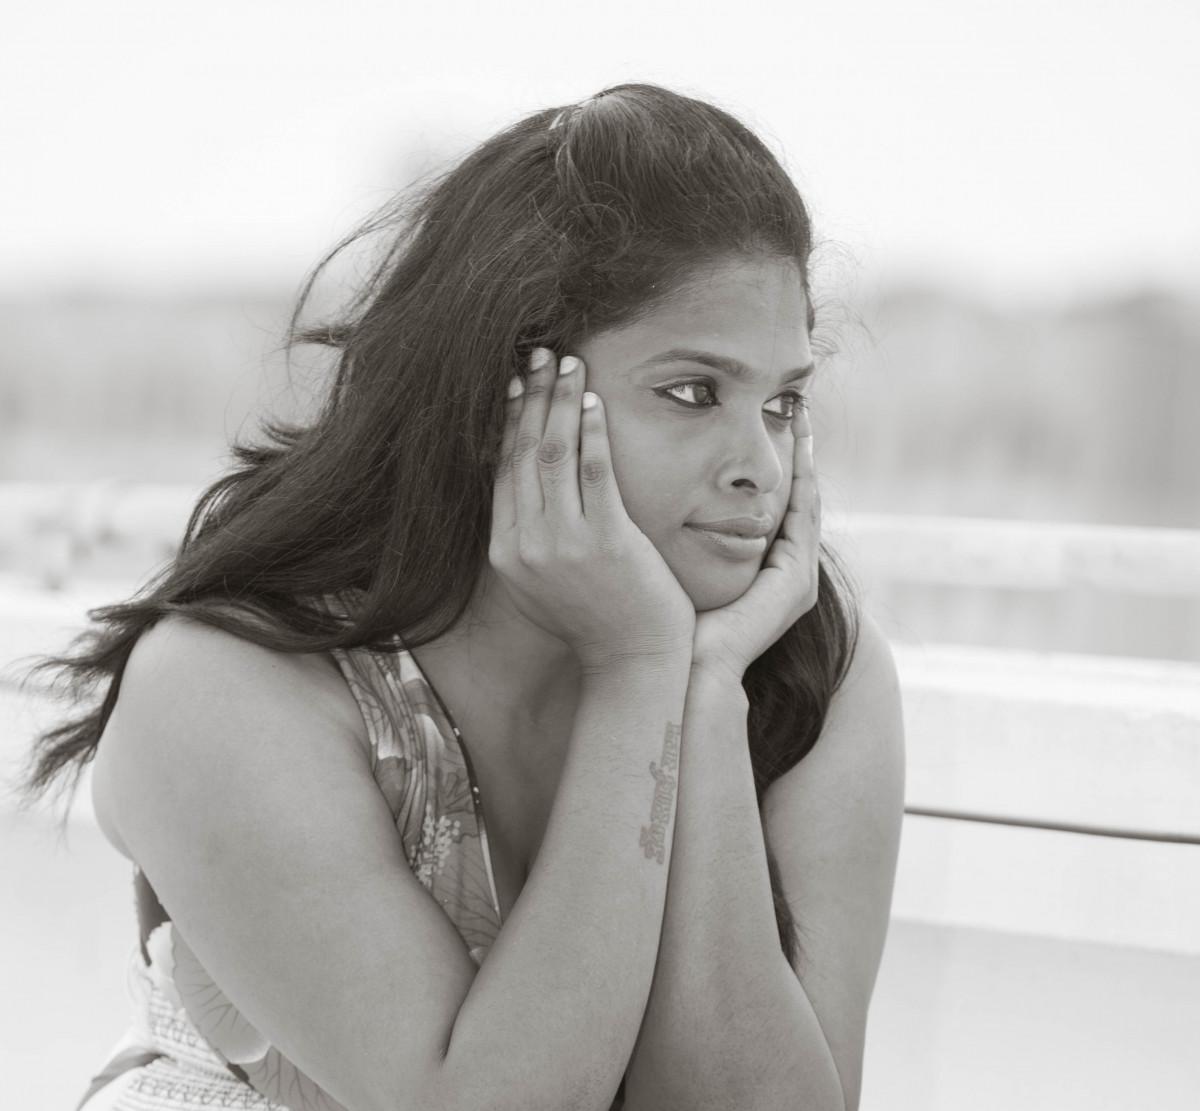 Images Gratuites : la personne, noir et blanc, fille, femme, la photographie, maquette ...